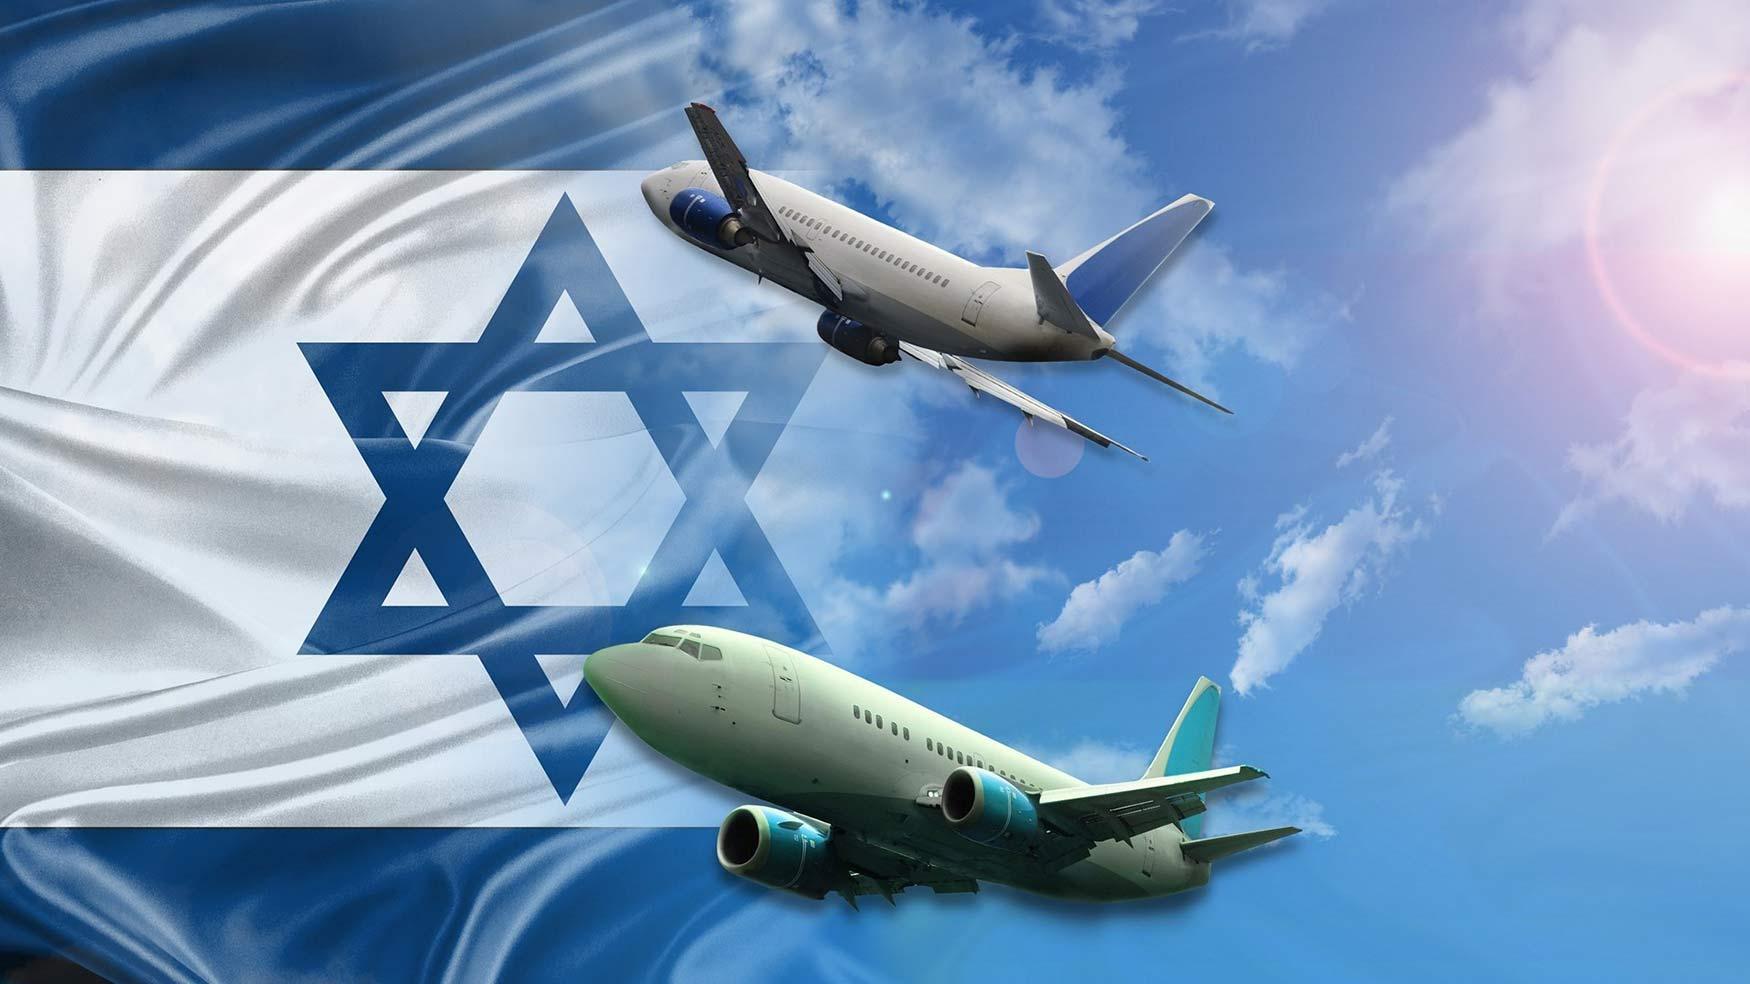 Флаг Израиля, где можно получить гражданство по репатриации